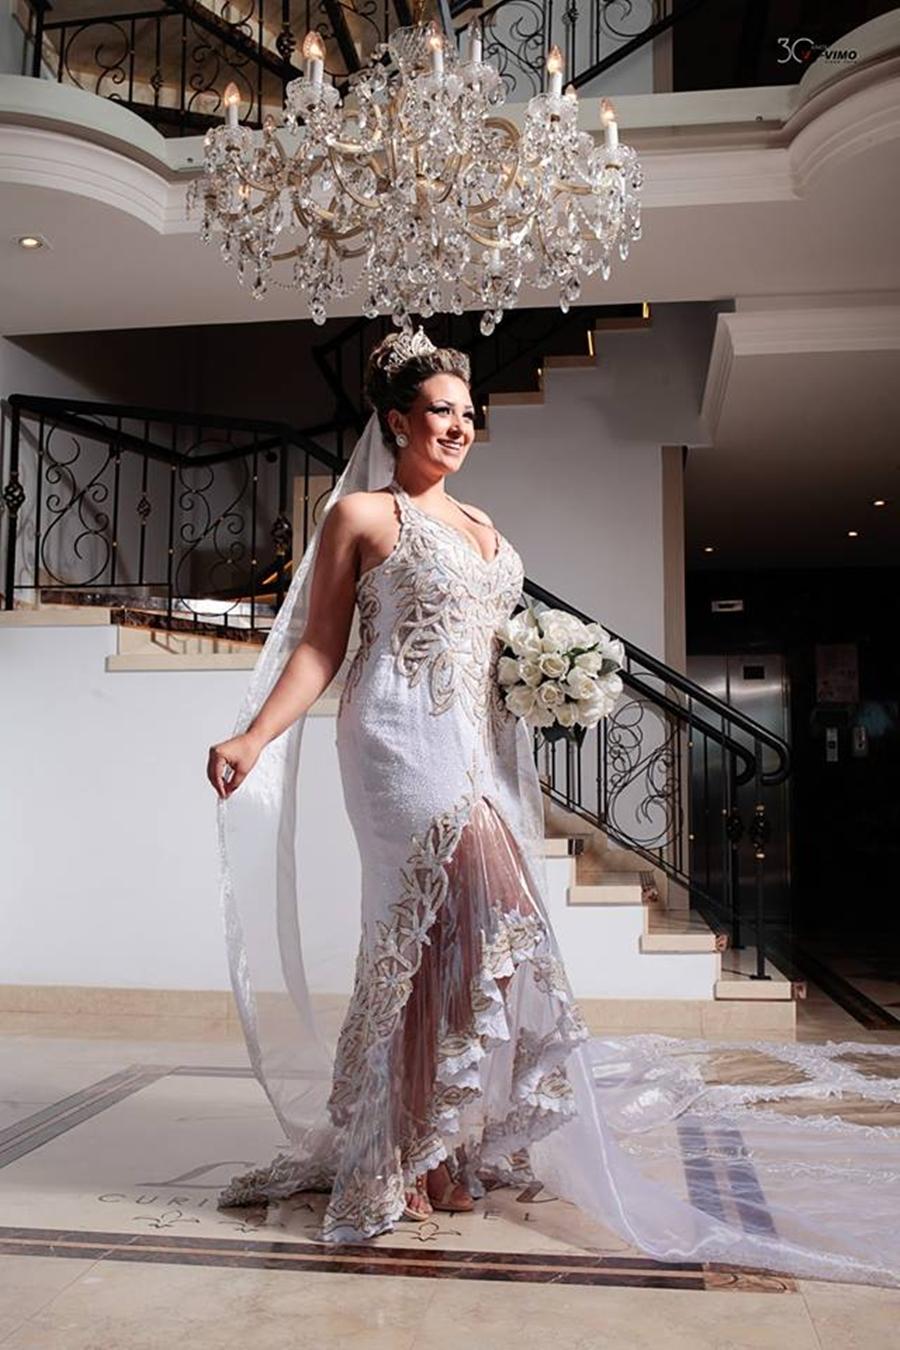 Estilista cria coleção de vestidos de noiva feitos com plástico reciclado